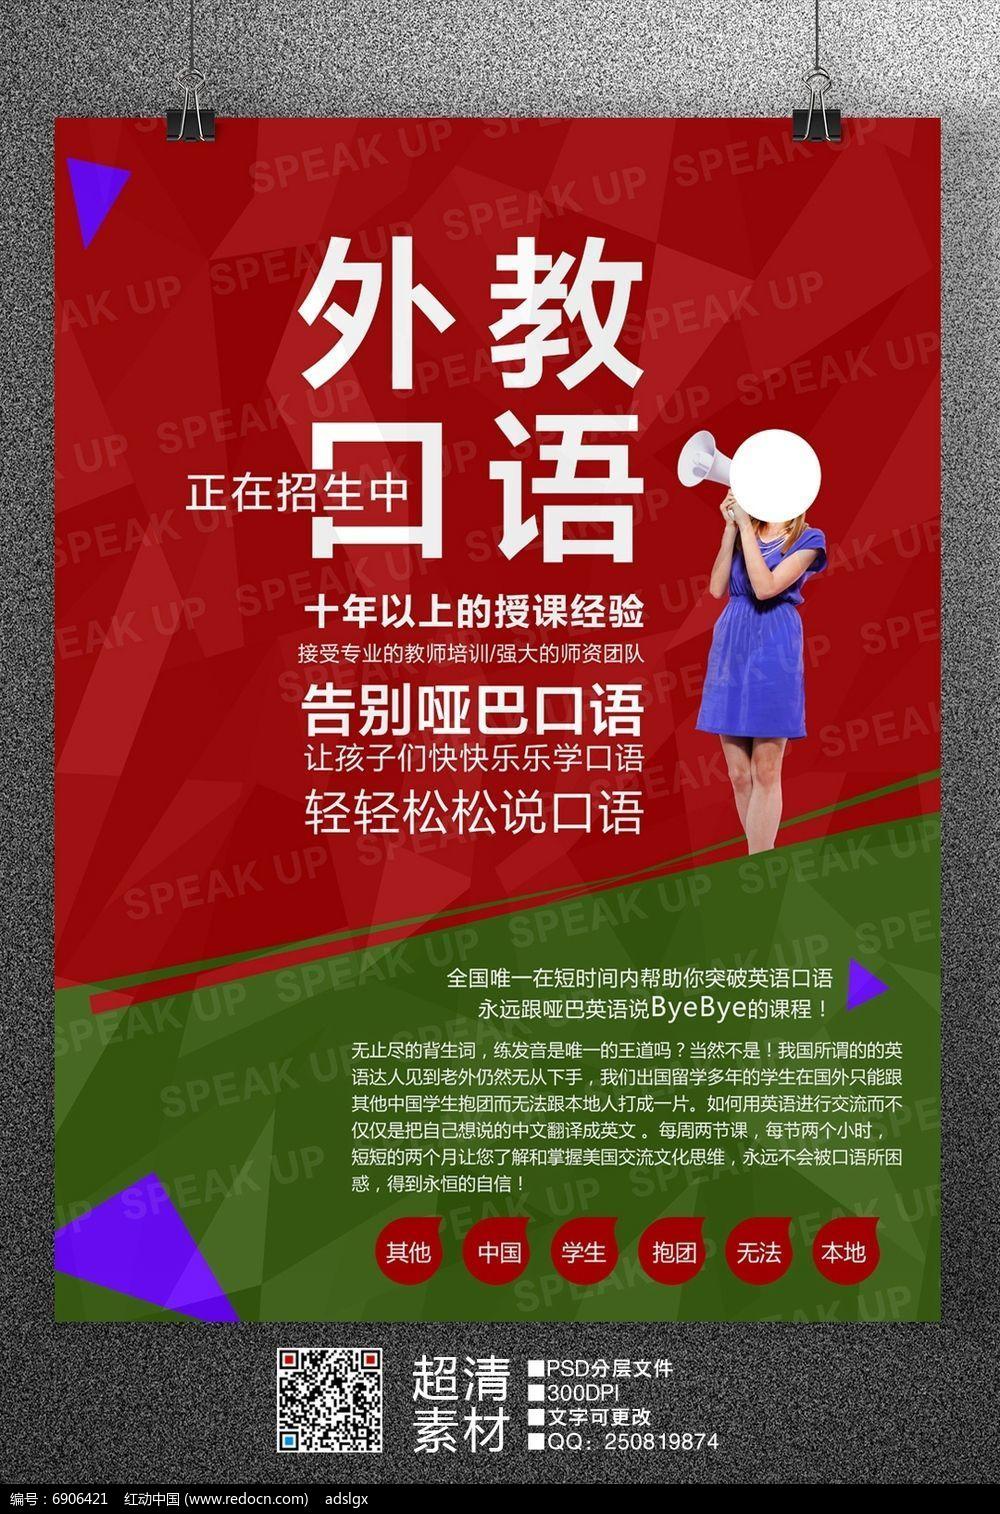 拼色英语口语班招生海报